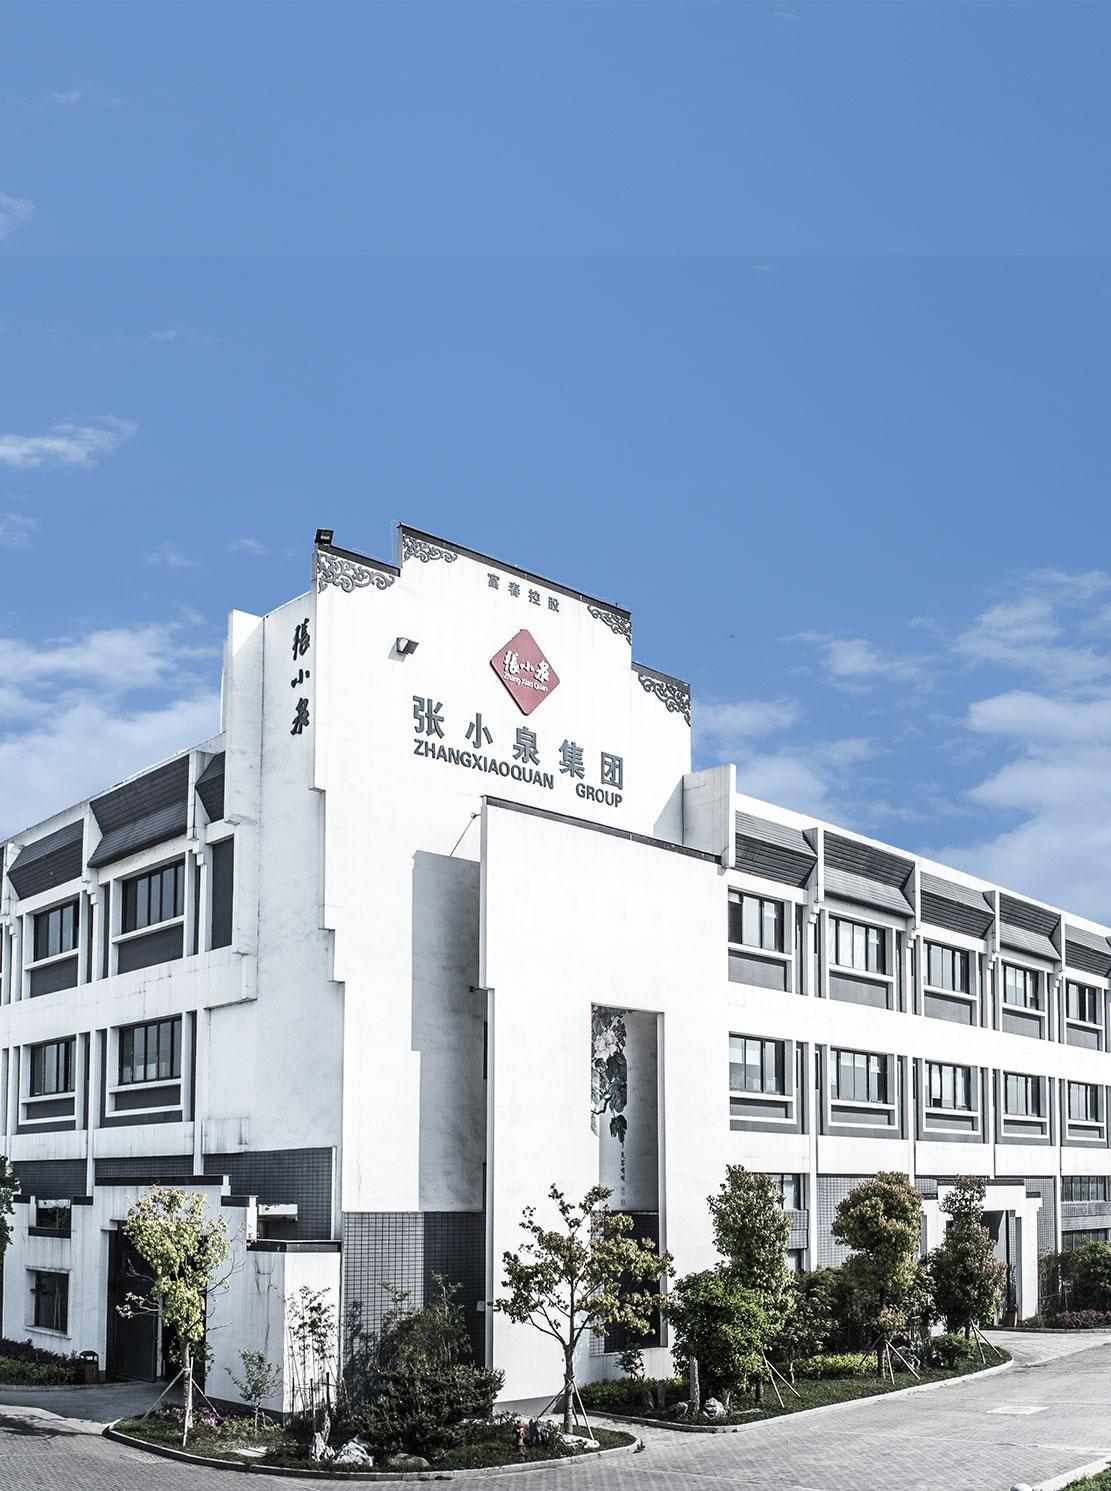 2011年5月,完成企业的整体搬迁。